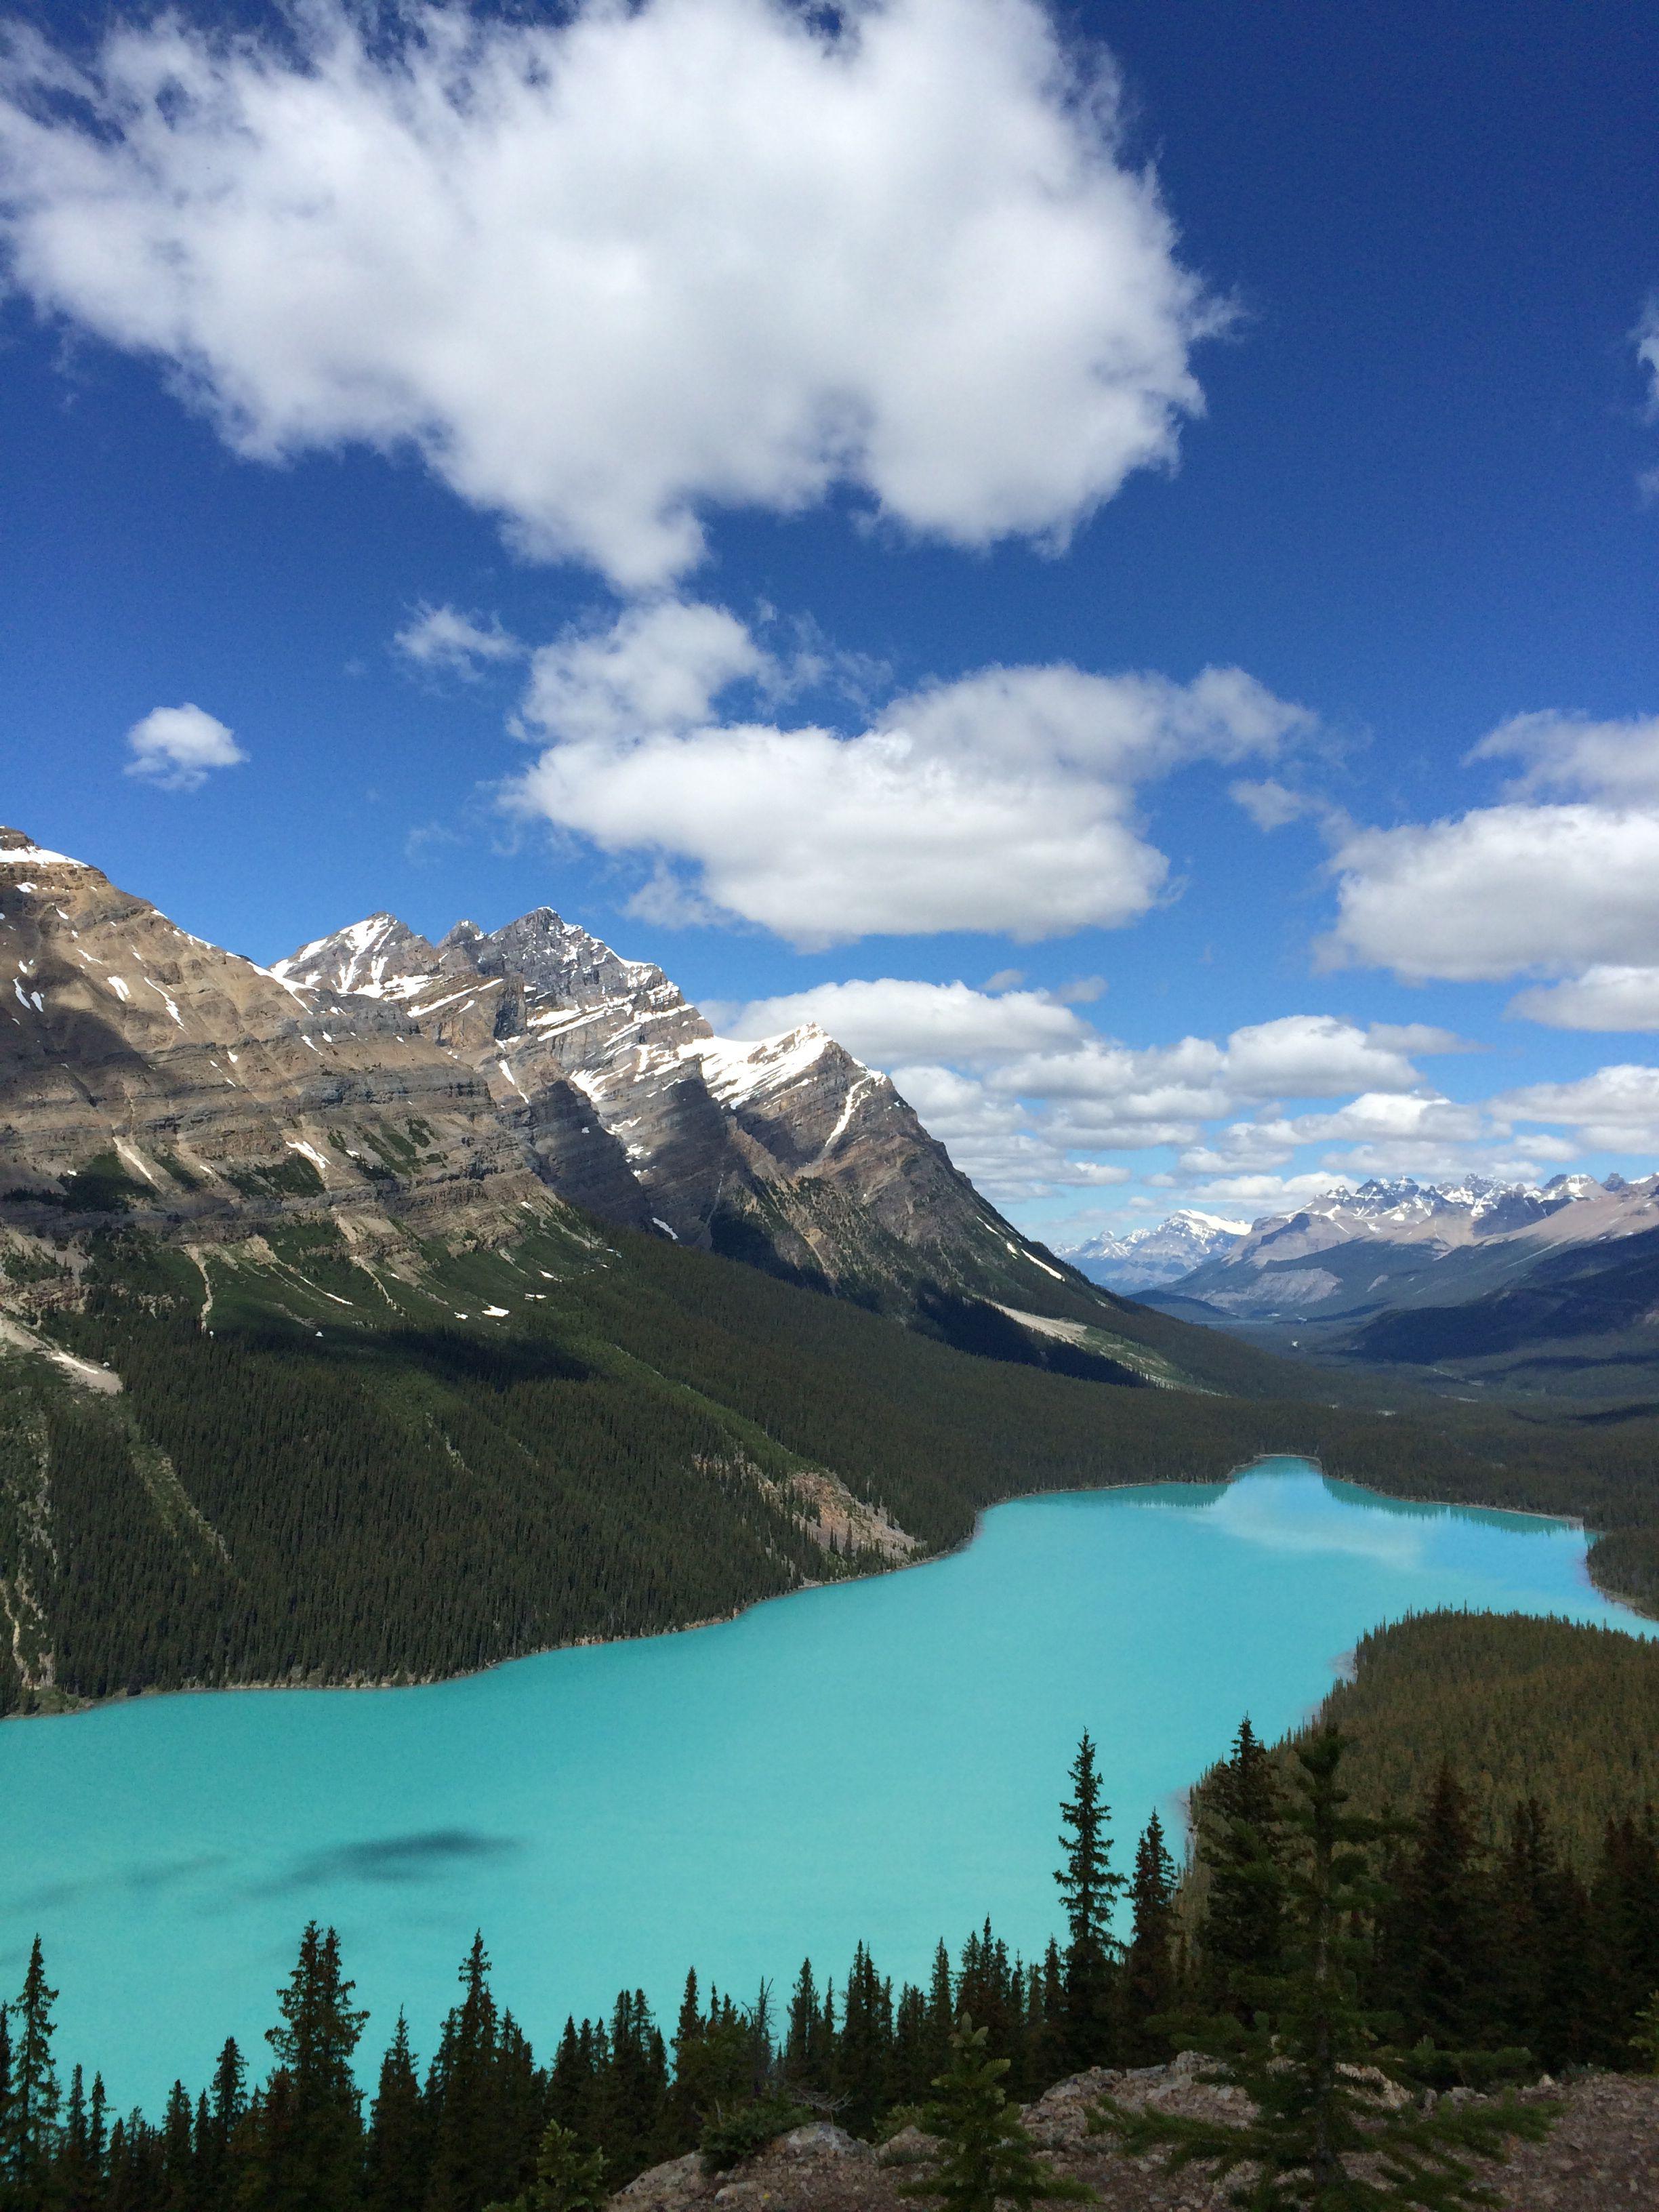 Peyto Lake, Alberta, Canada Favorite places, Natural